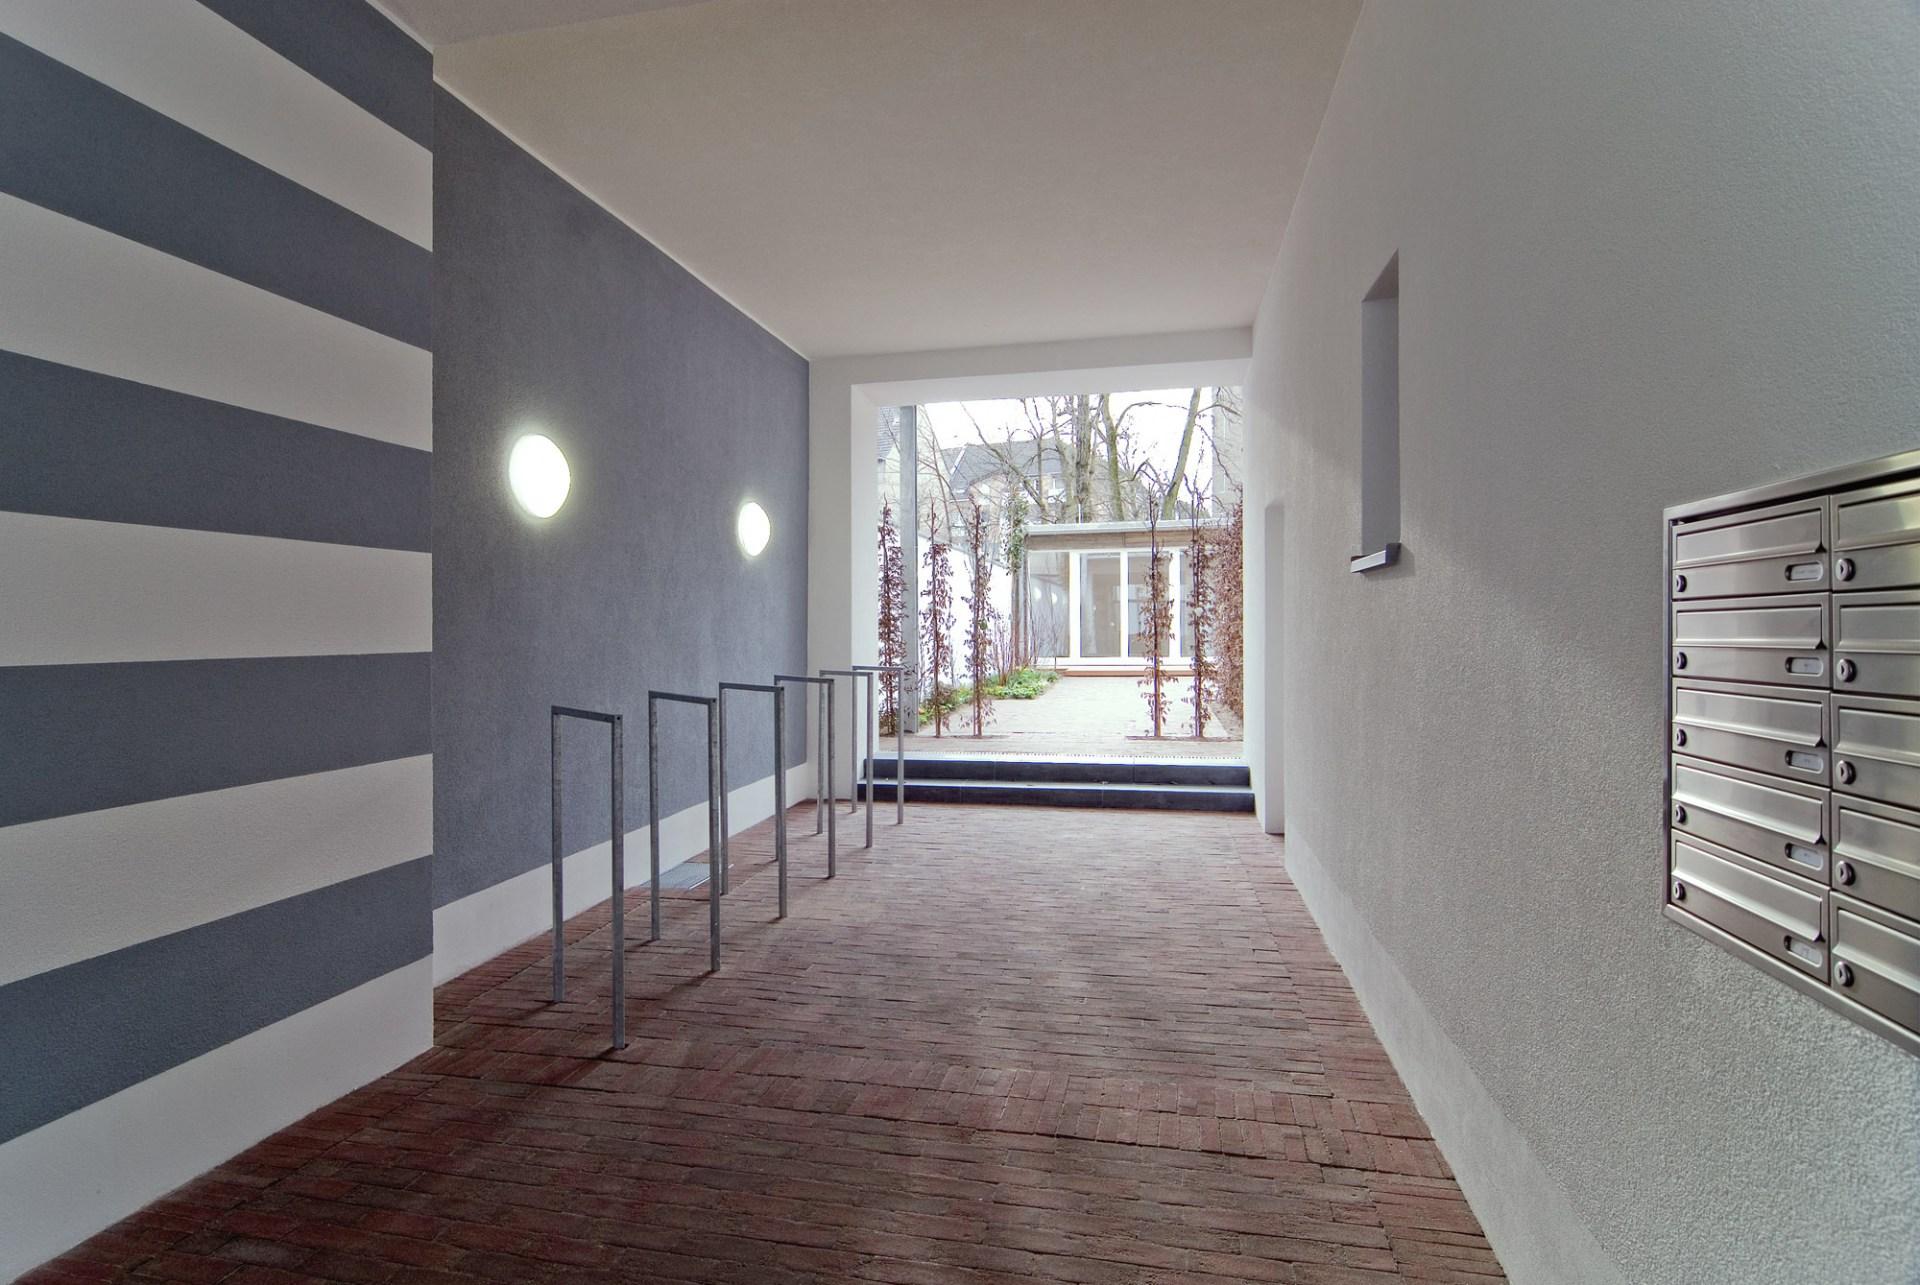 Schrage Architekten Himmelgeister Straße